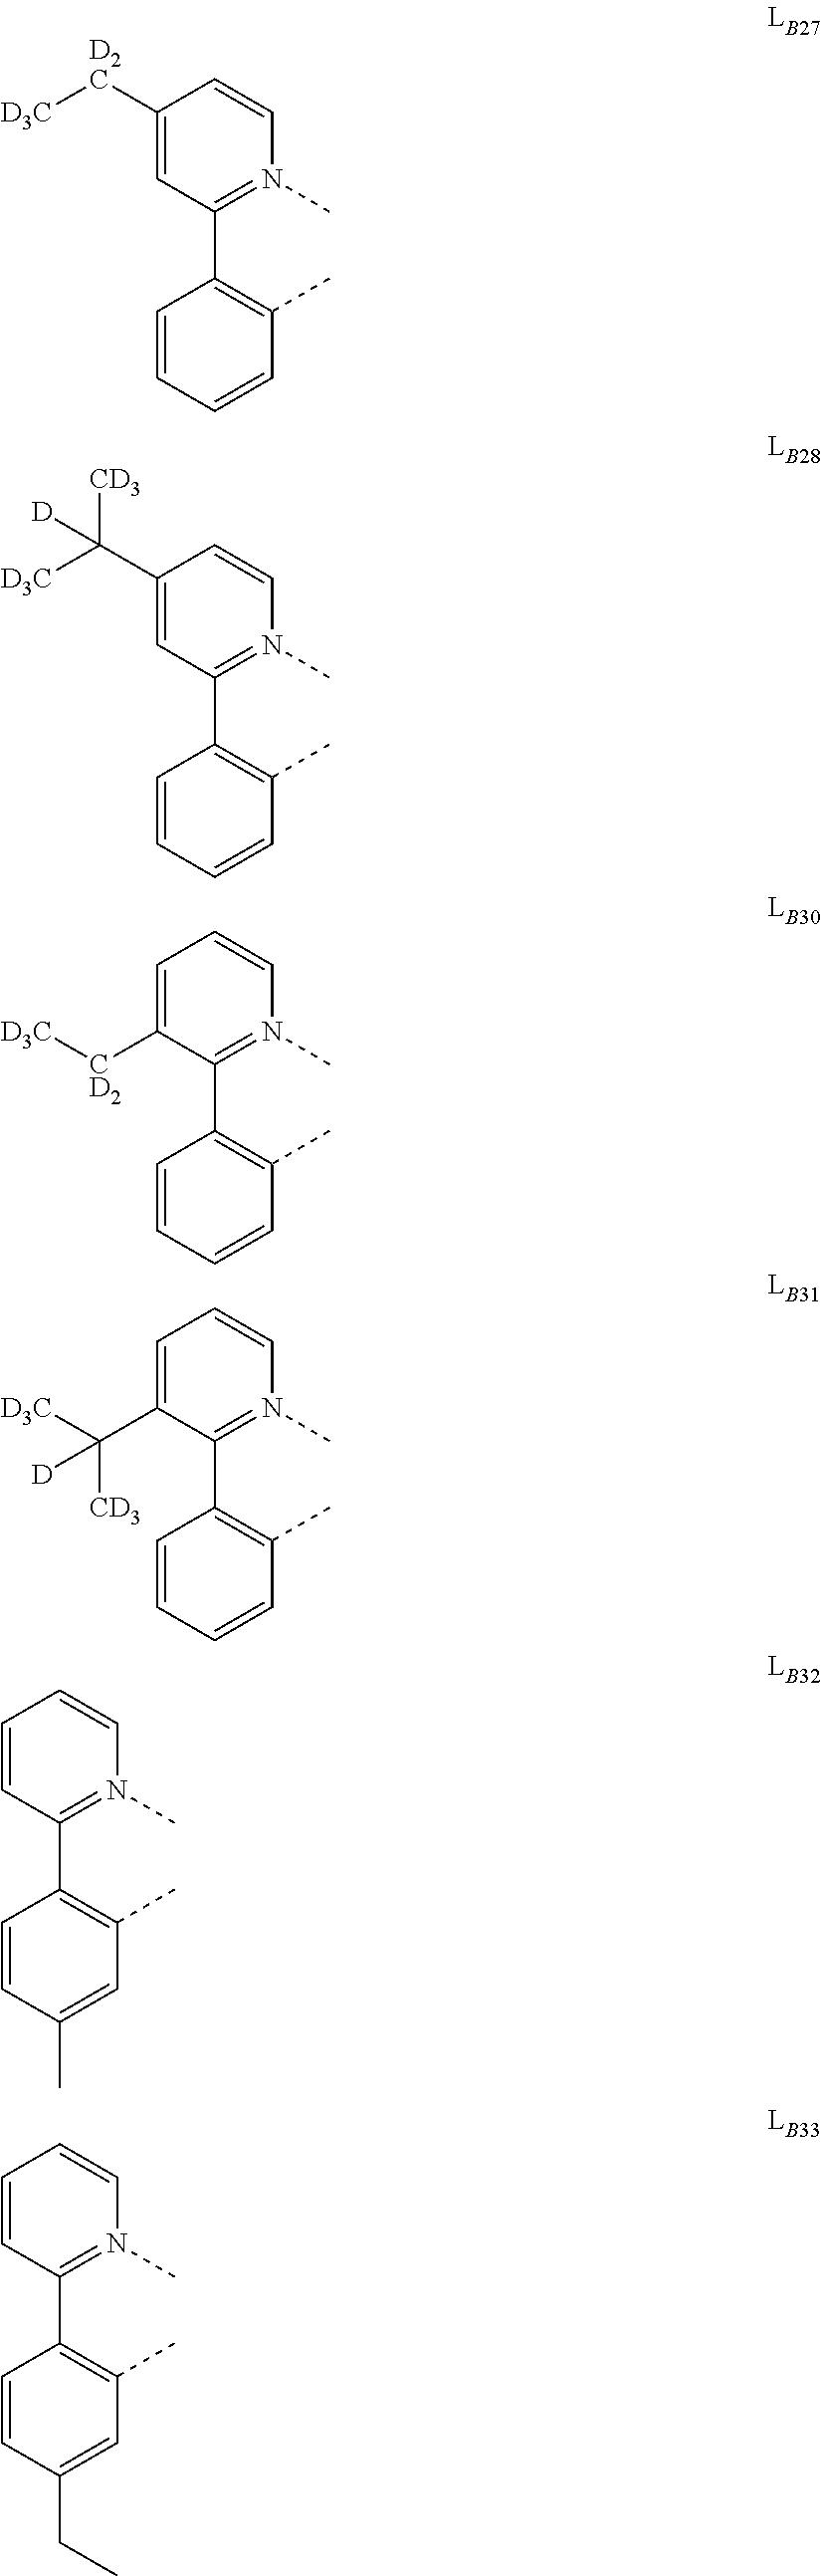 Figure US09590194-20170307-C00051